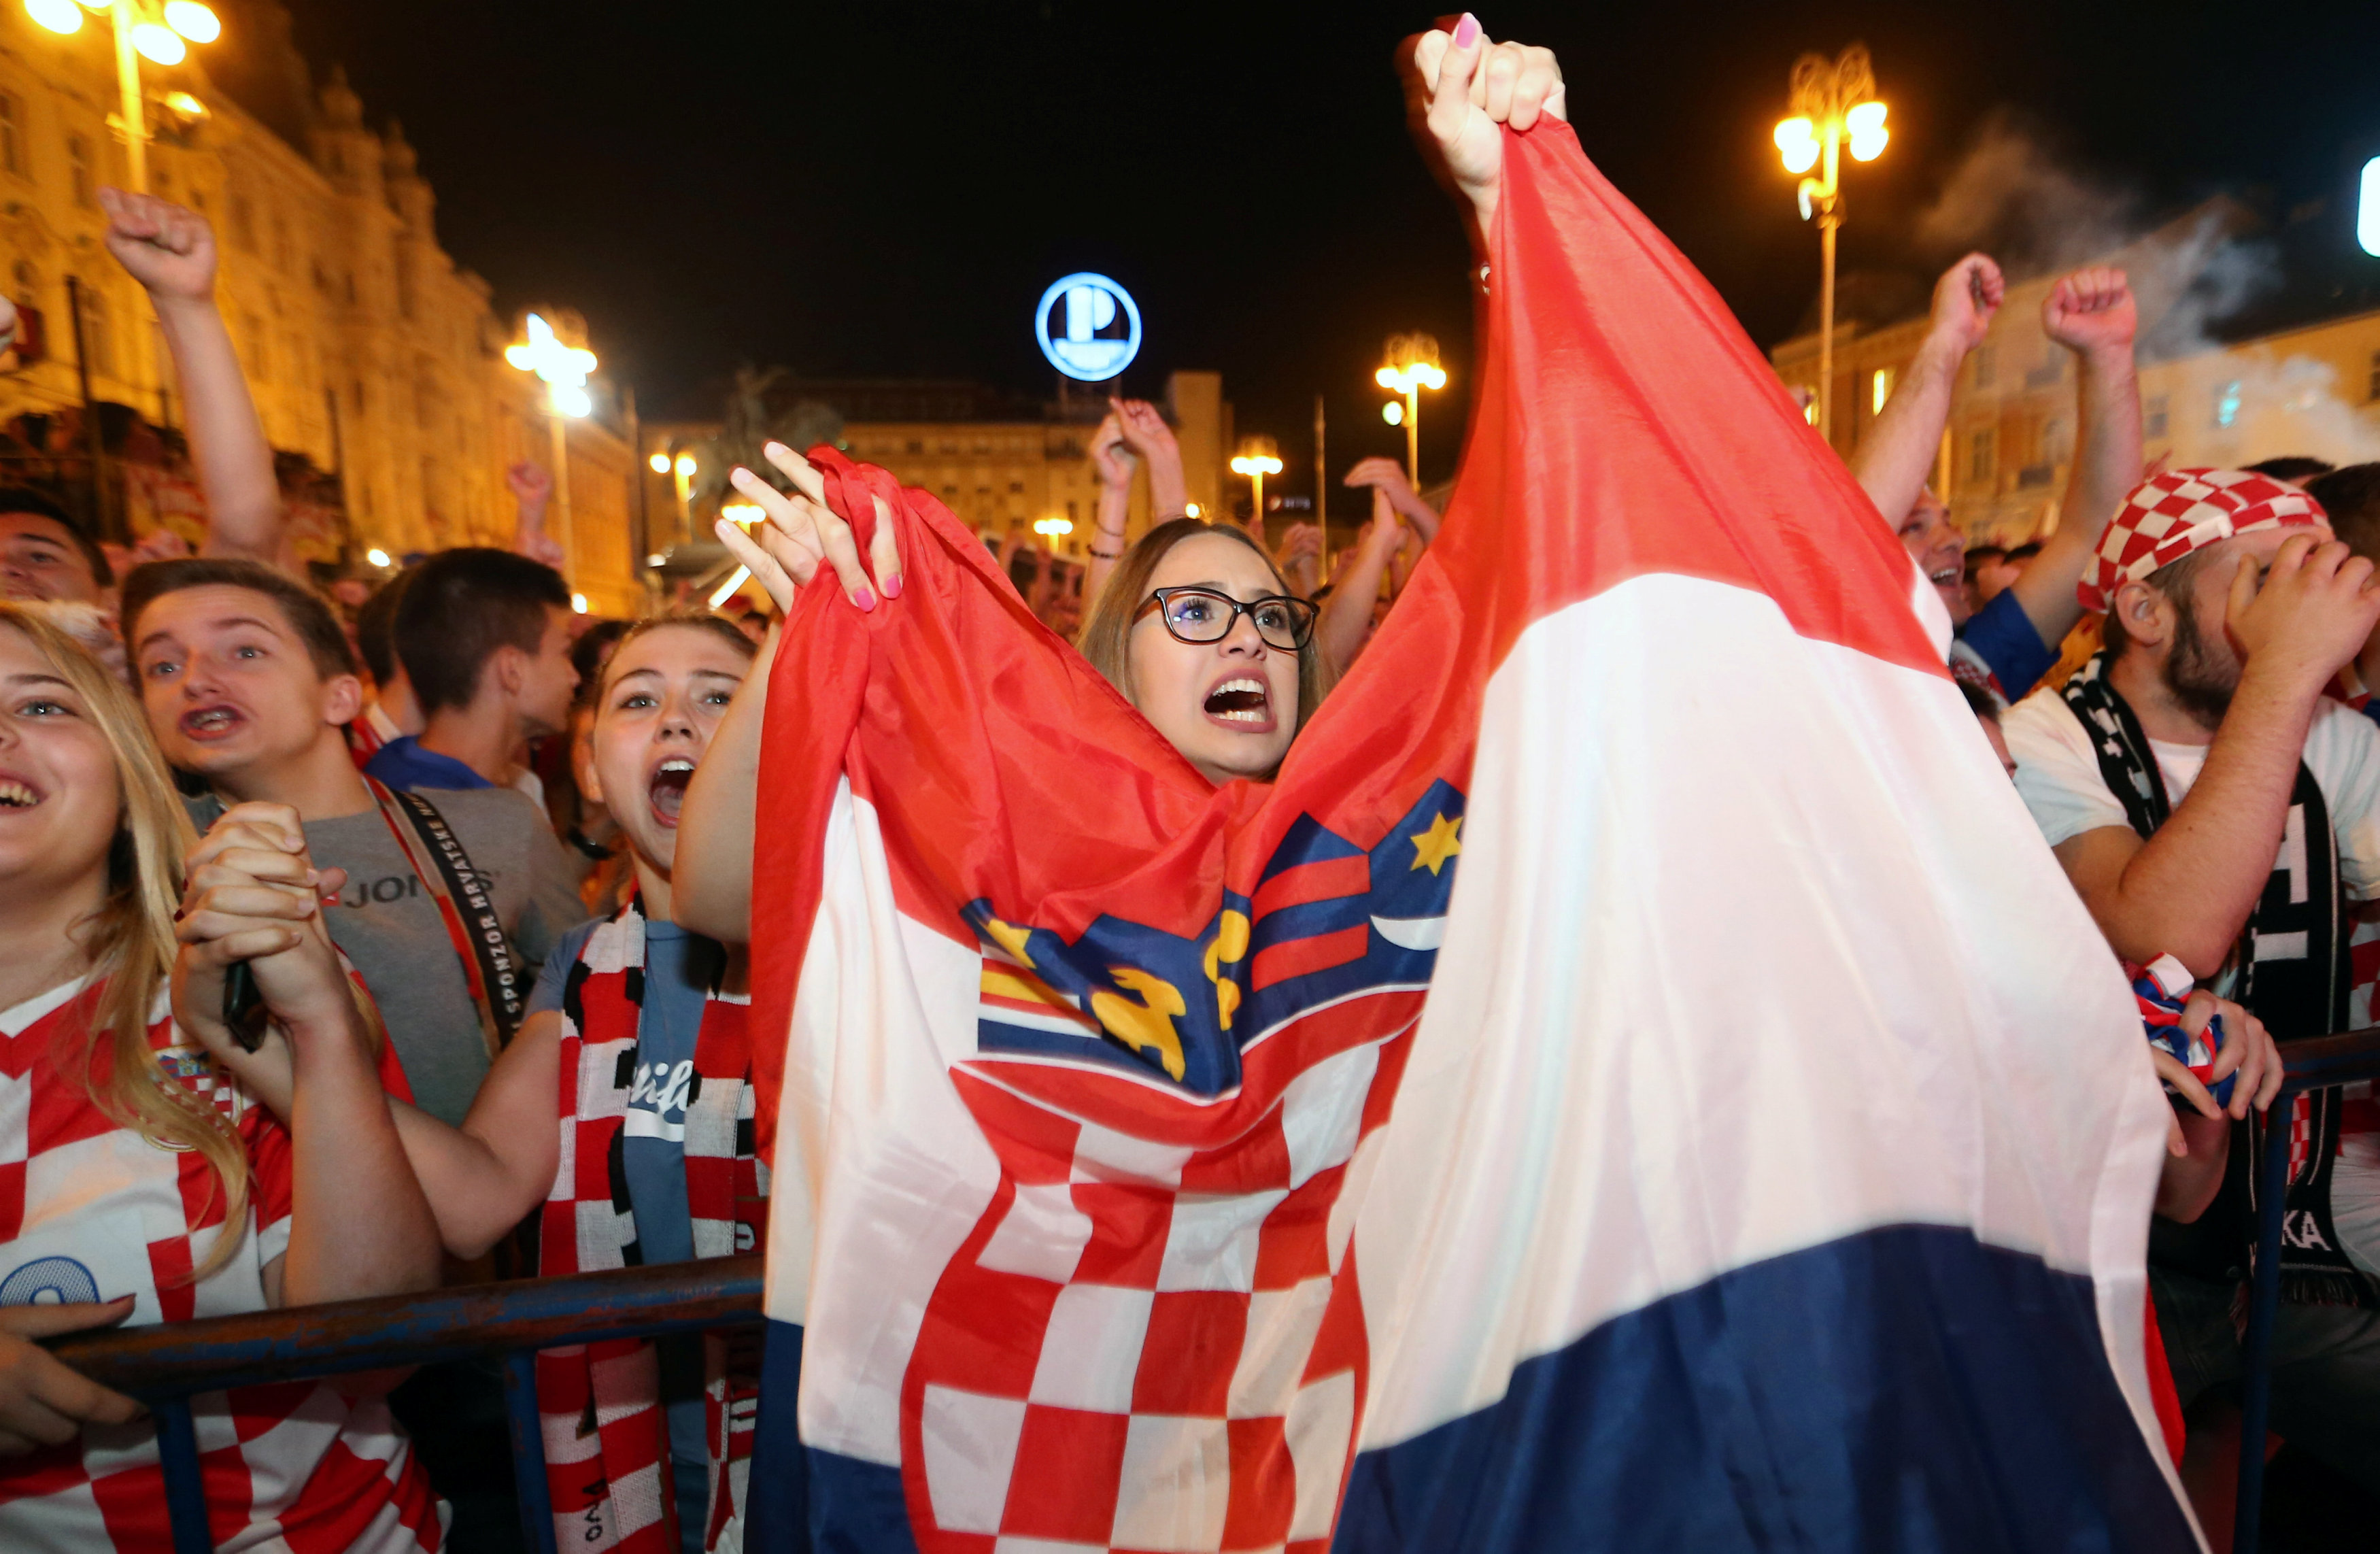 احتفالات منتخب كرواتيا بعد التأهل لنصف نهائي مونديال 2018 (7)